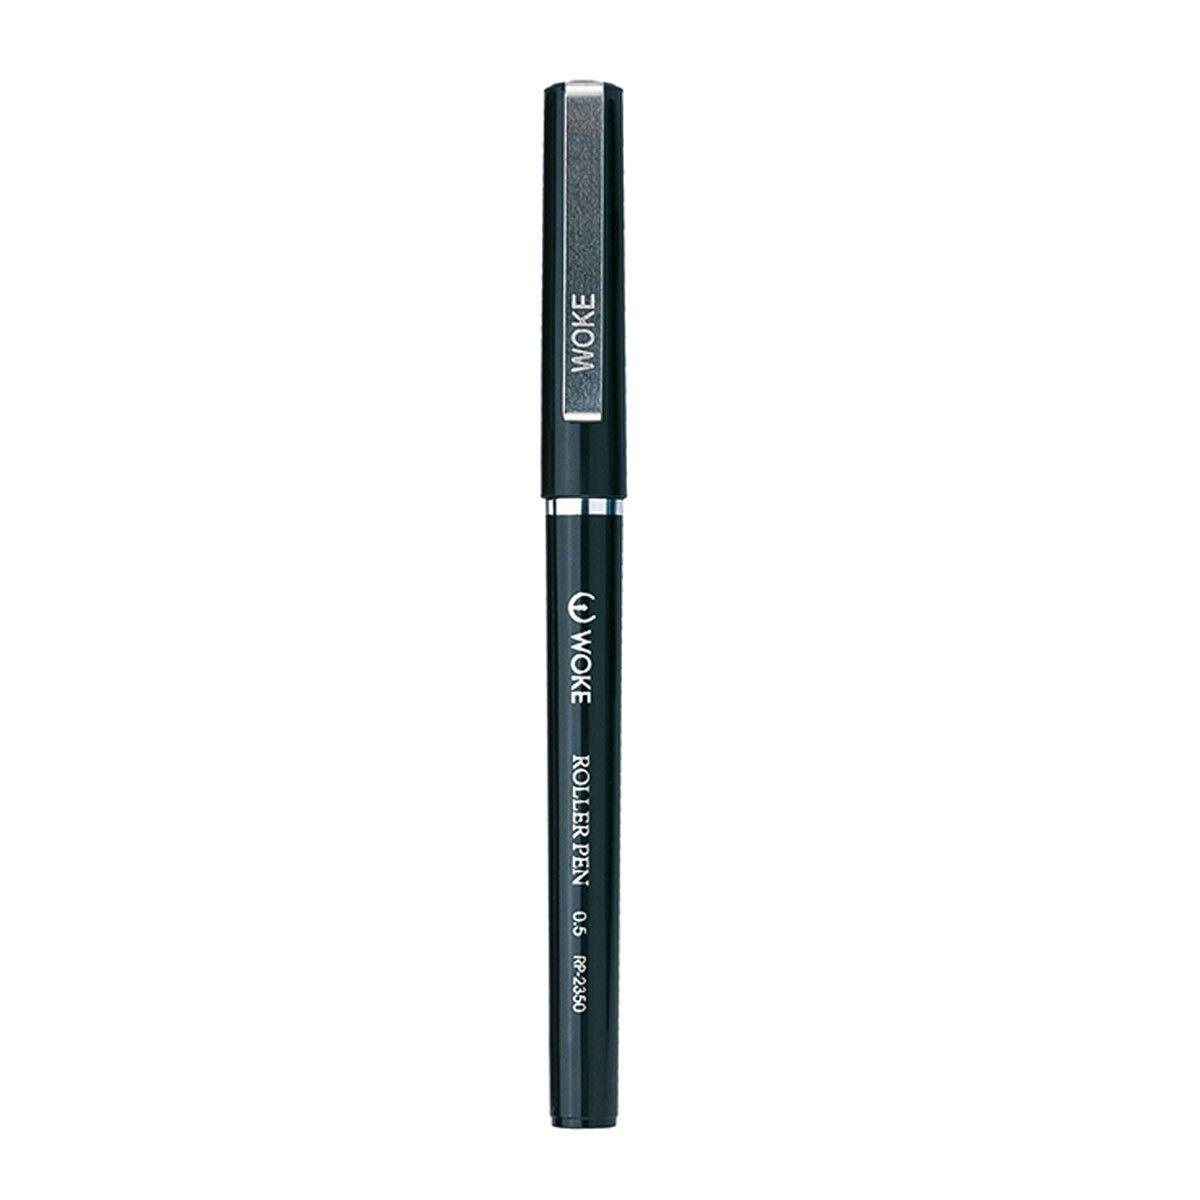 Rollerball Pen, 0.5mm, 12/pack (DK-PG2350)